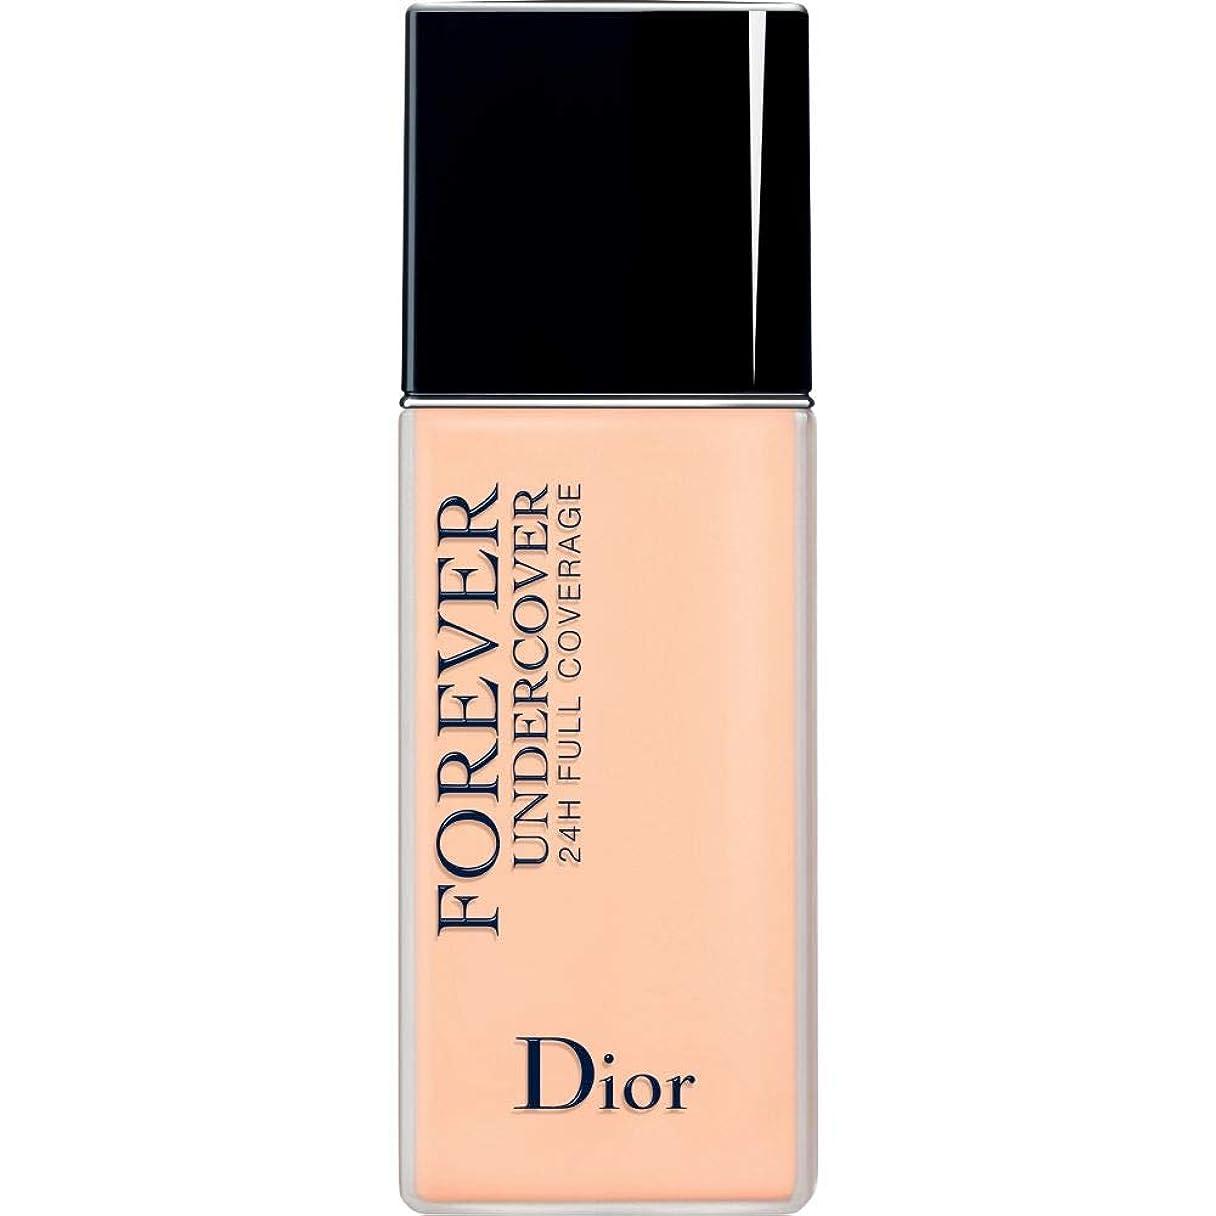 しかし間違い調整可能[Dior ] ディオールディオールスキン永遠アンダーカバーフルカバーの基礎40ミリリットル012 - 磁器 - DIOR Diorskin Forever Undercover Full Coverage Foundation 40ml 012 - Porcelain [並行輸入品]